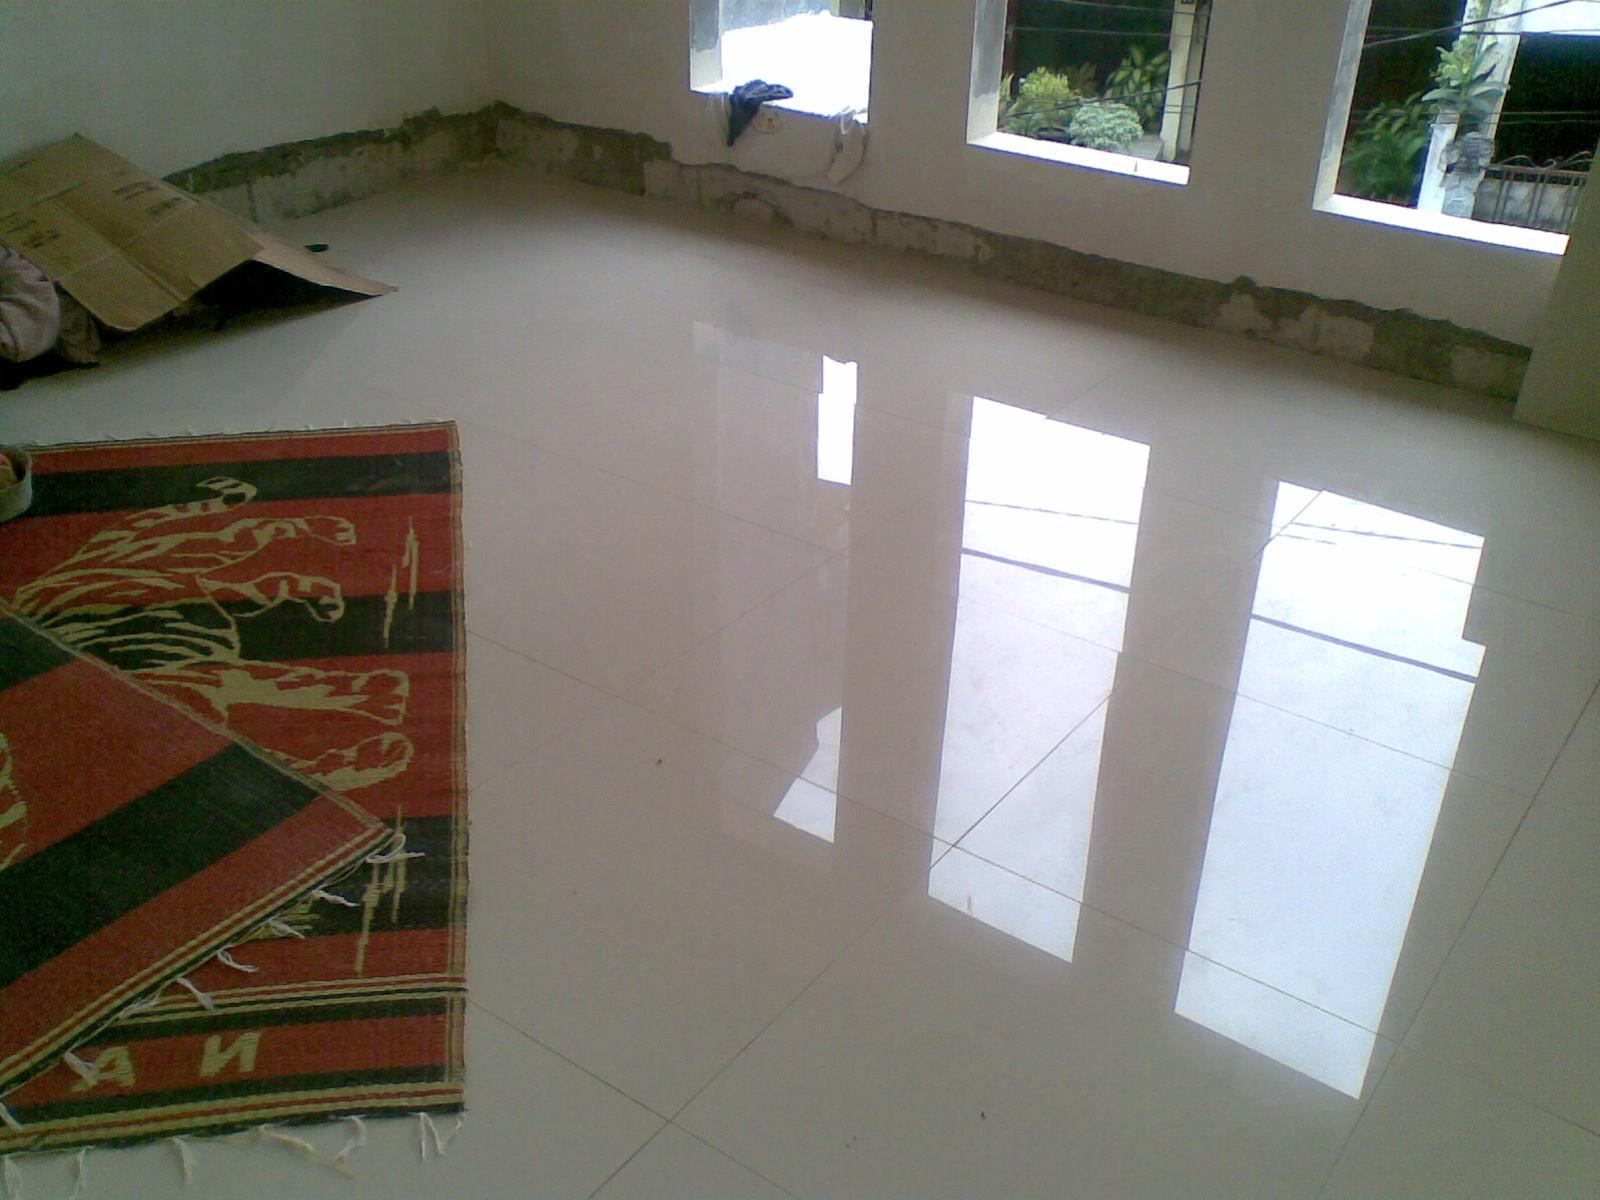 Bangun Rumah (16) Lantai dan dinding, keramik dan granit | To Give ...